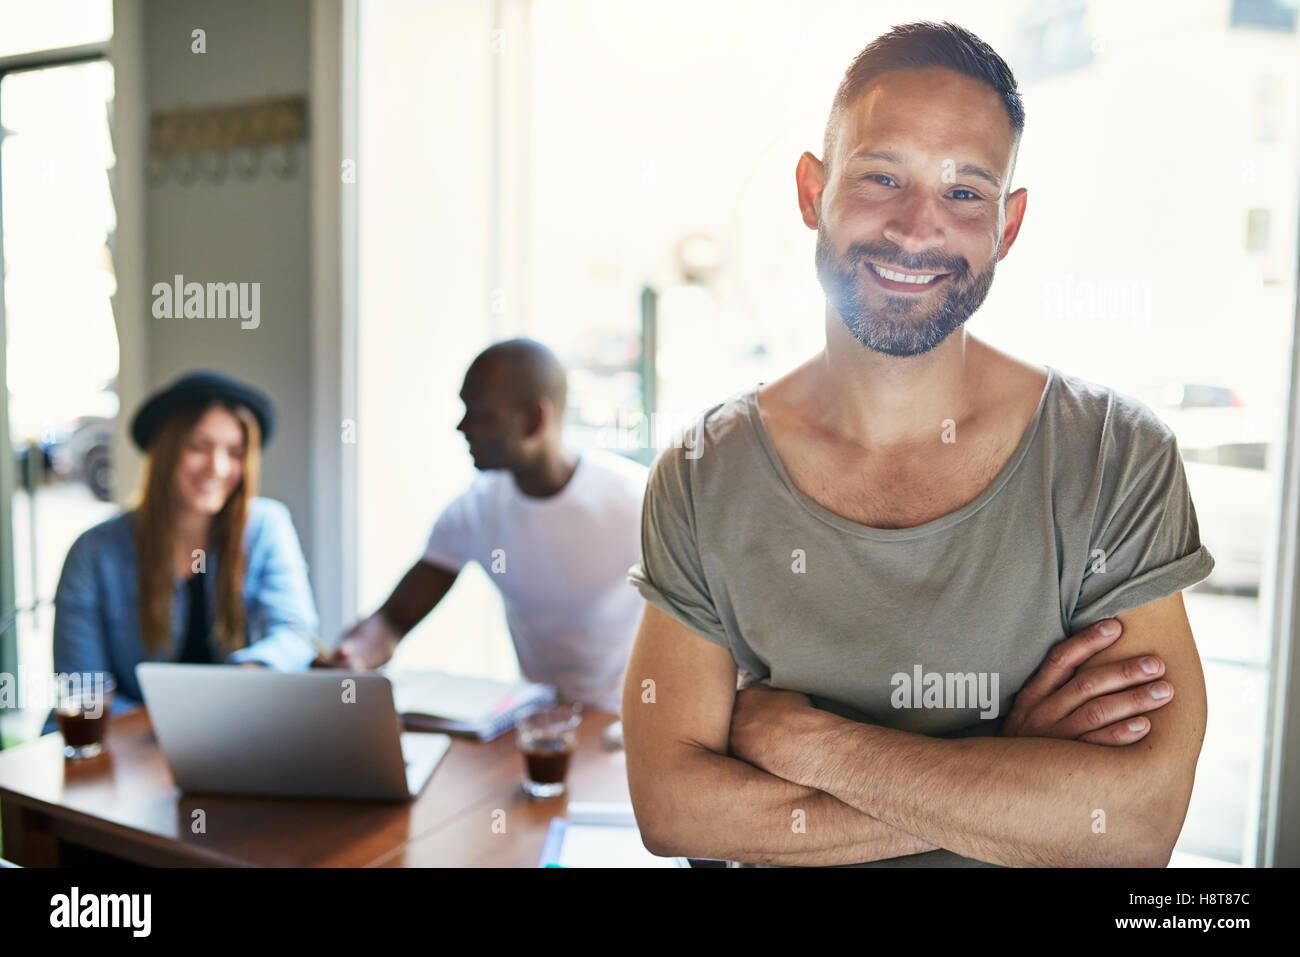 Schöner Lächeln bärtigen Mann in Short Sleeve Shirt und verschränkten Armen in Cafe stehend Stockbild